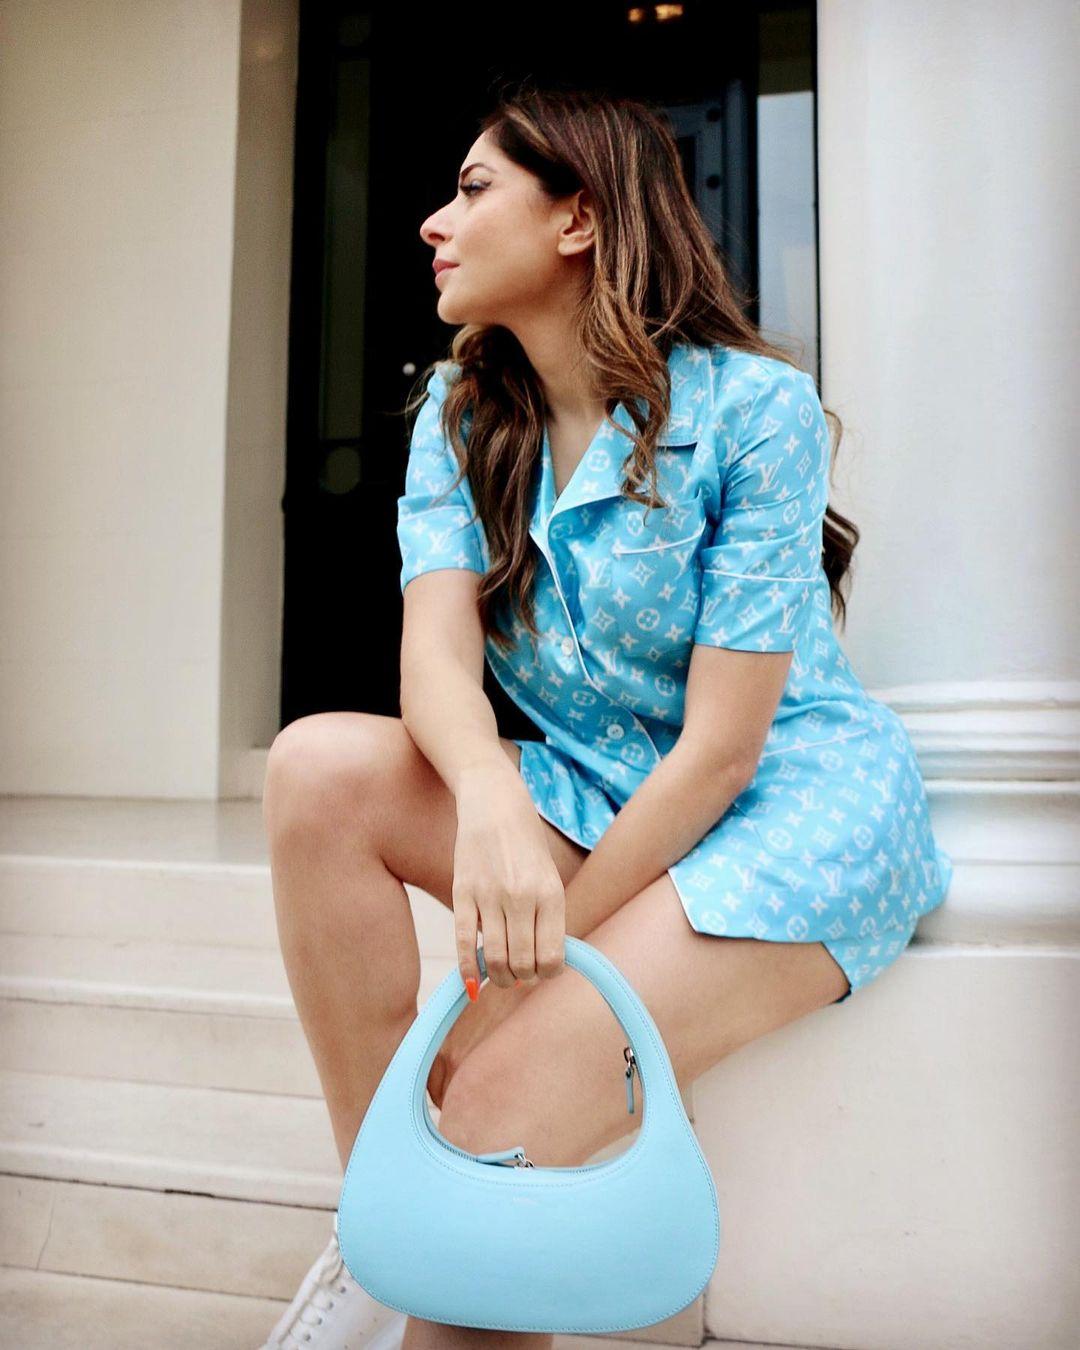 Neha Kakkar, Neeti Mohan, And Kanika Kapoor's Hot and Sexy Viral Photoshoot 5